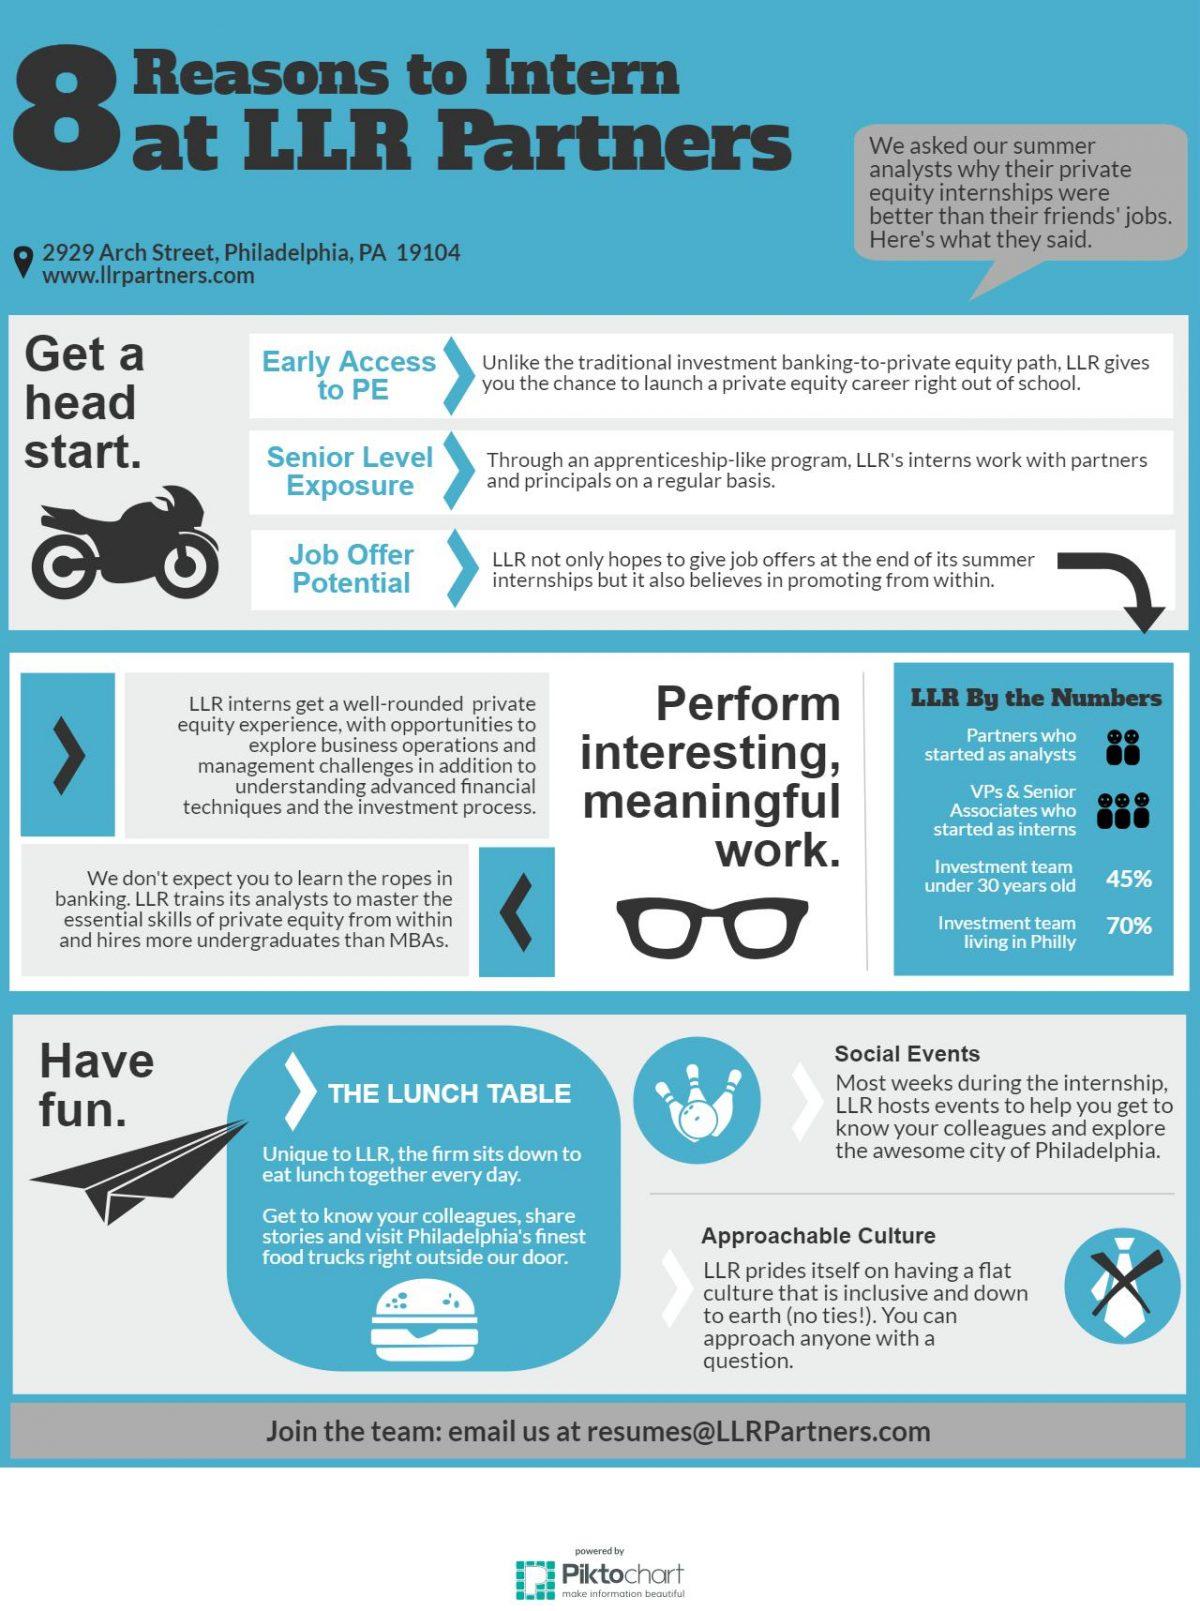 Top 8 Reasons to Intern at LLR